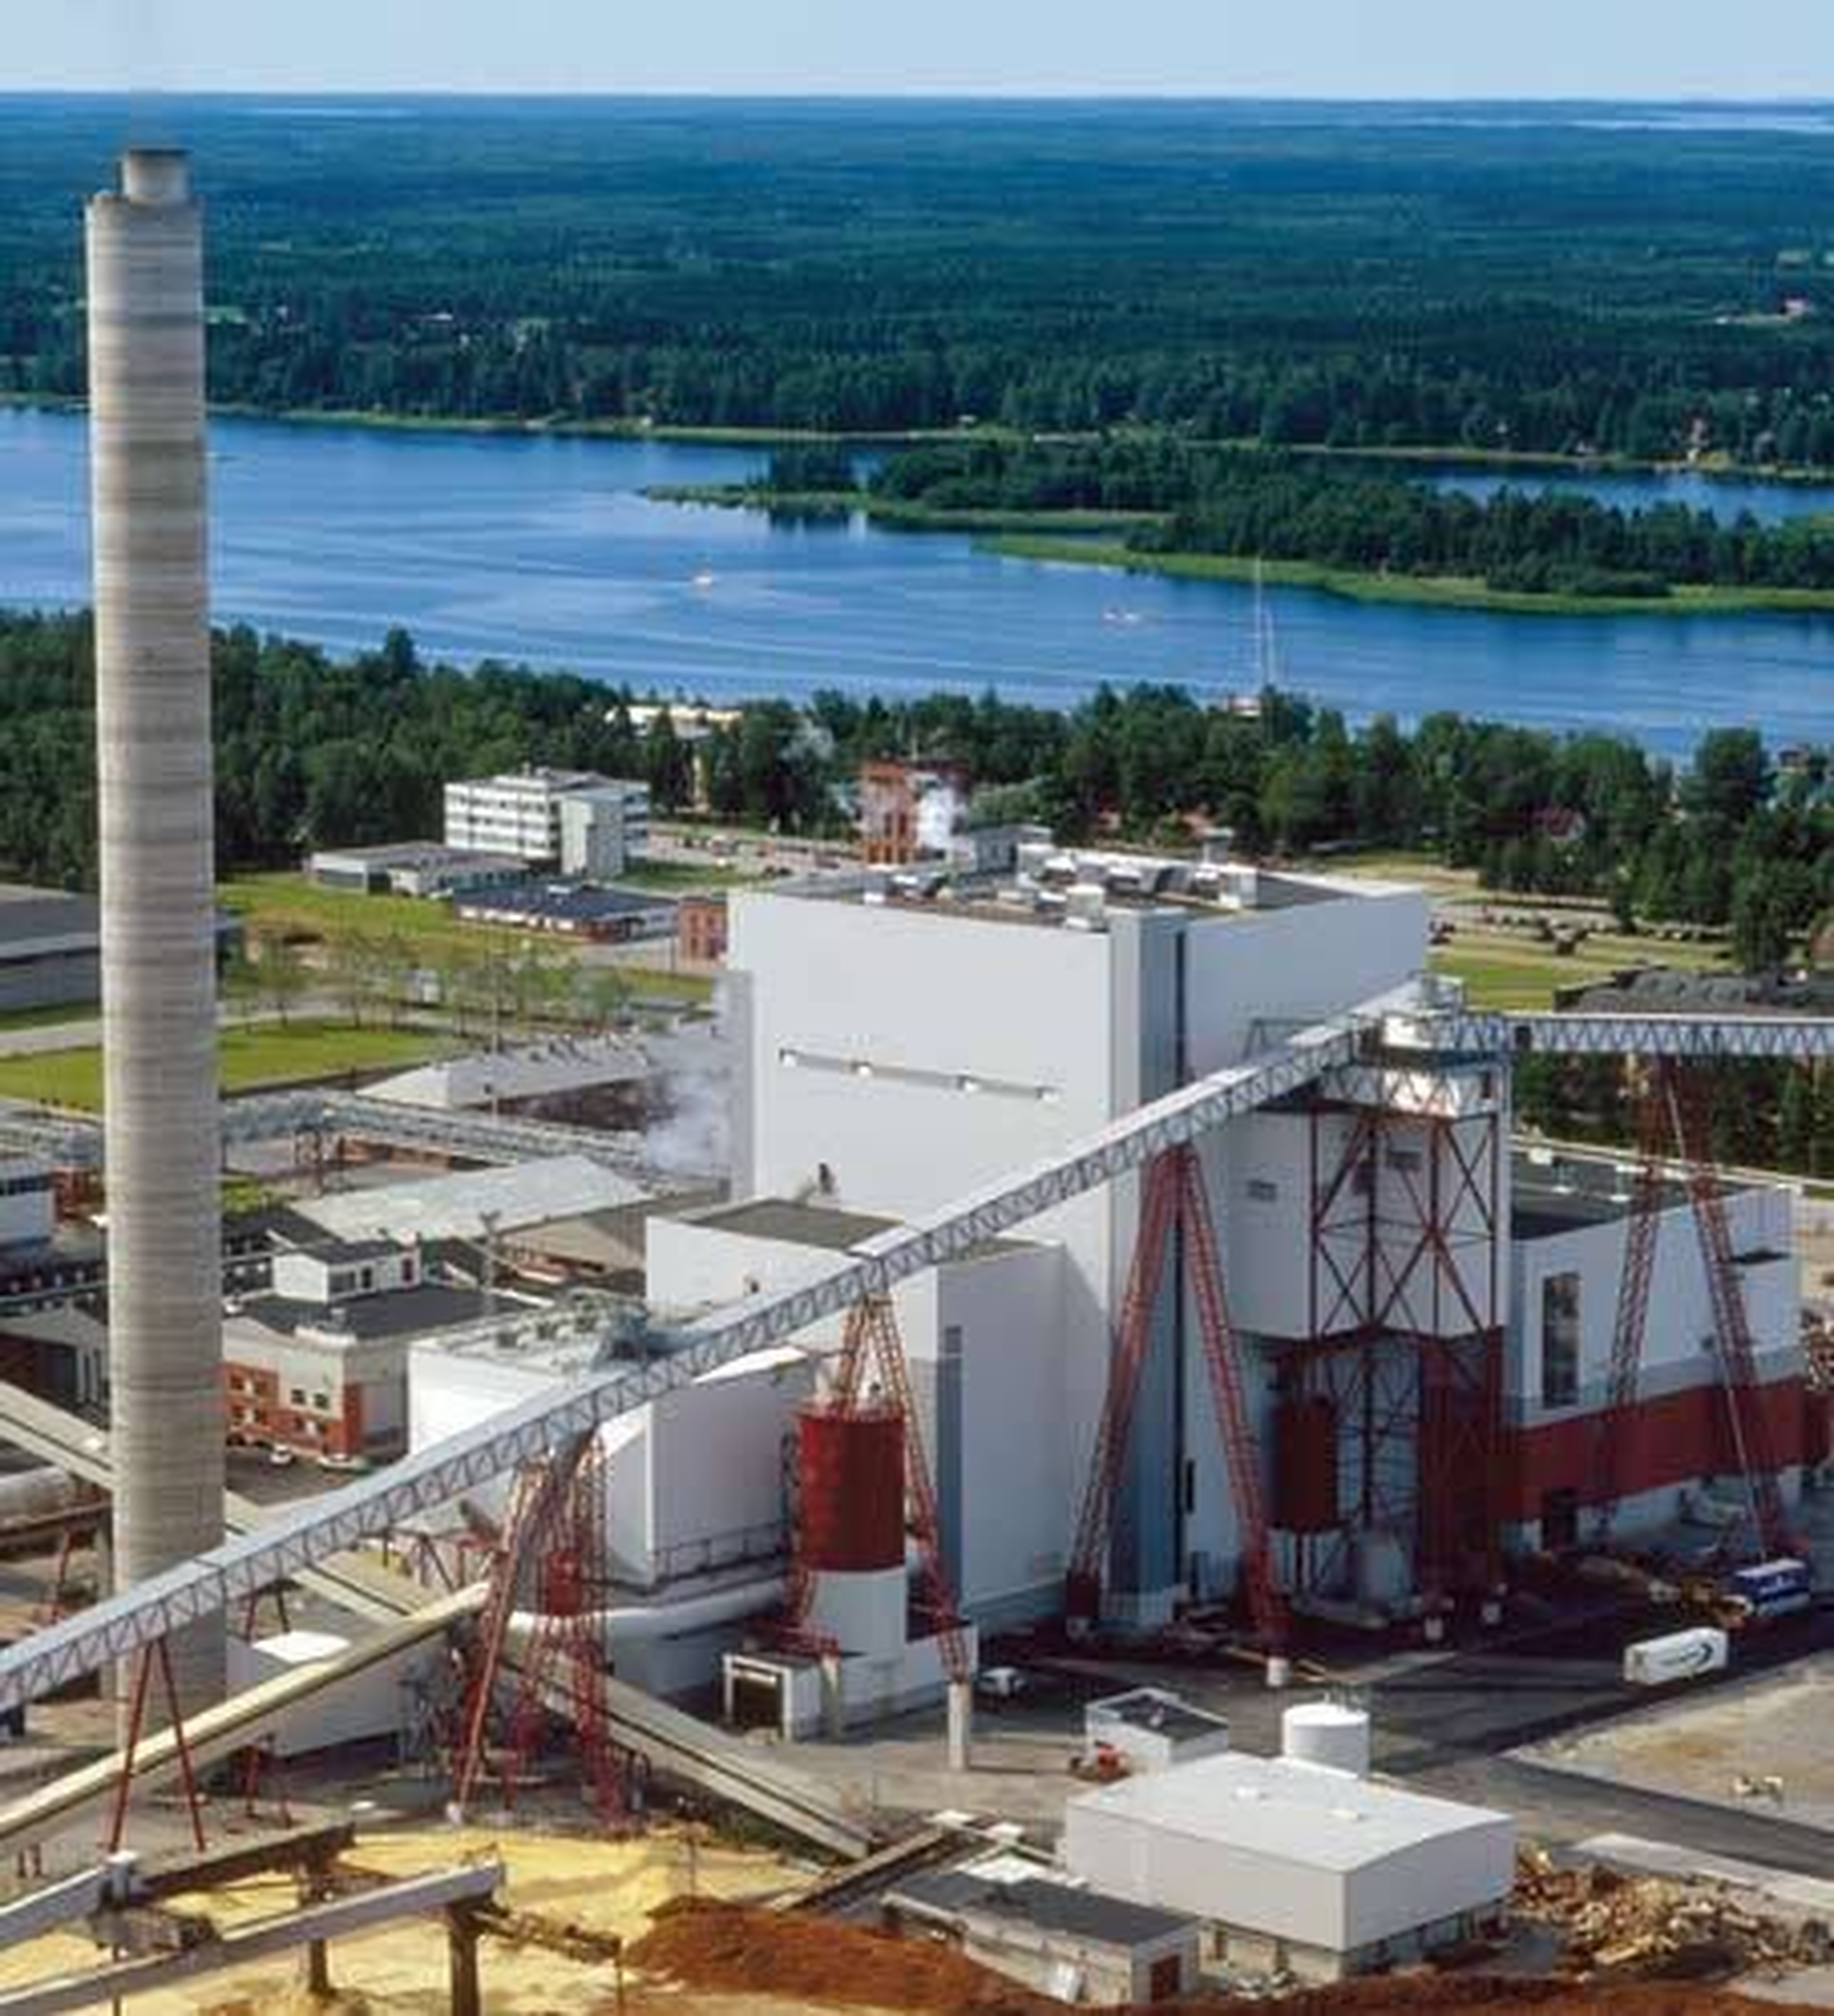 Verdens største dampkjele som benytter CFB-teknologi ved biomasseforbrenning står her, ved Alholmens Kraft i Finland. Kværner Power leverte kjelen, som har en dampkapasitet på 550MW, i 2001. Nå skal de levere en dampkjele med 22MW kapasitet til Fredrikstad.